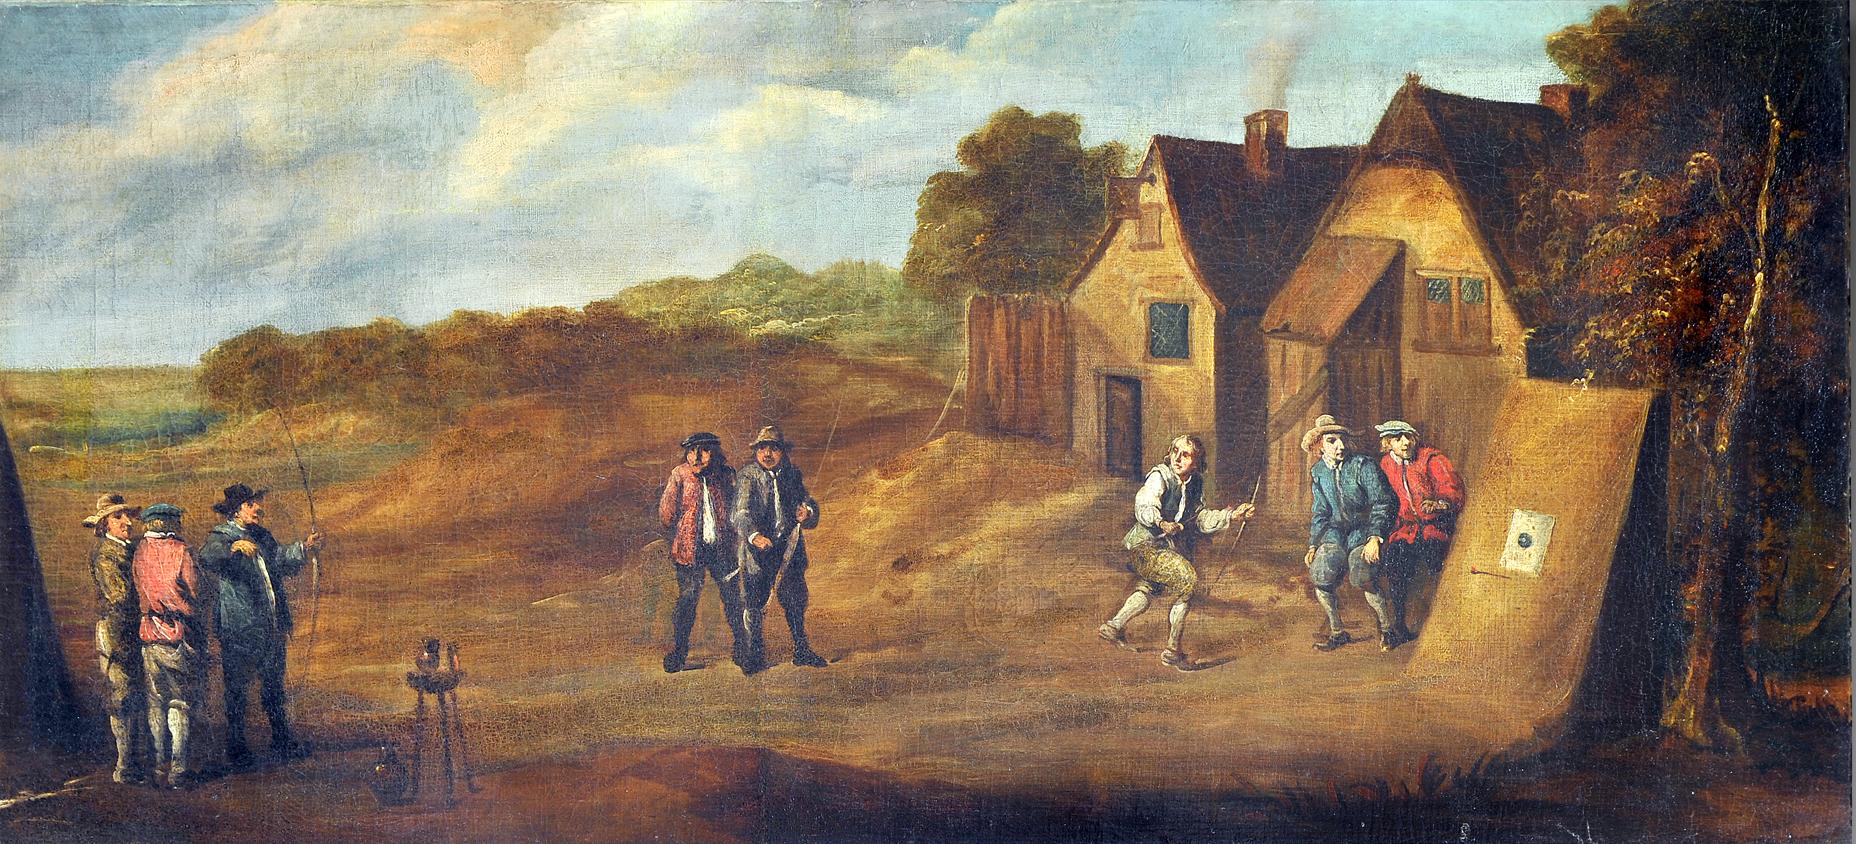 Le tir aux buttes, ou Le tir à l'arc aux berceaux. Toile attribuée à TENIERS David, 17e siècle